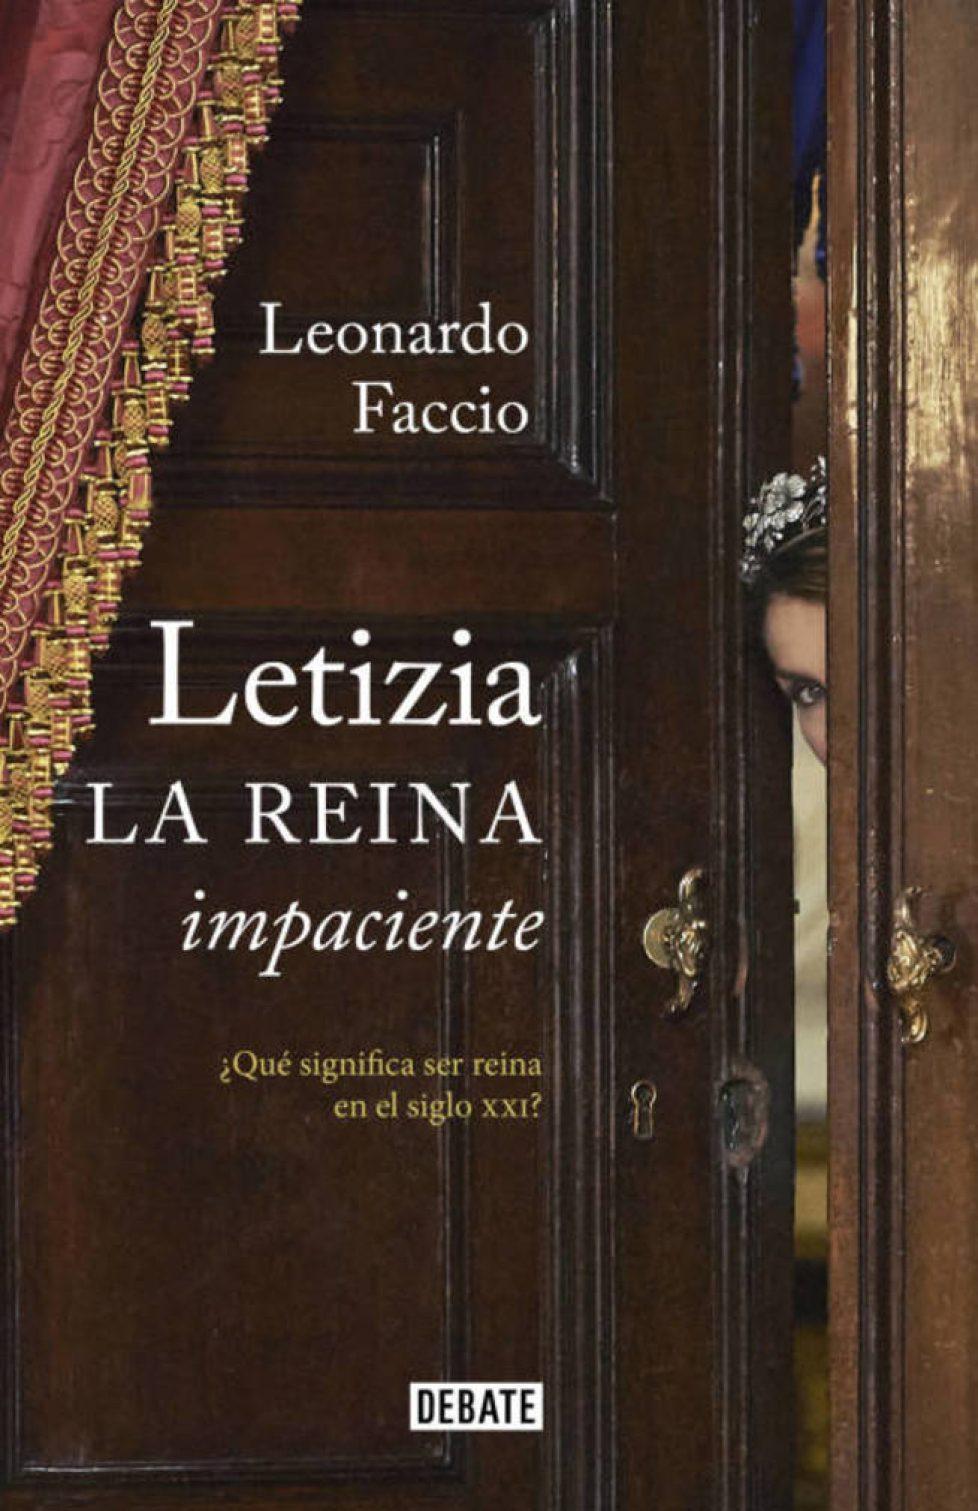 portada-del-libro-letizia-la-reina-impaciente-debate